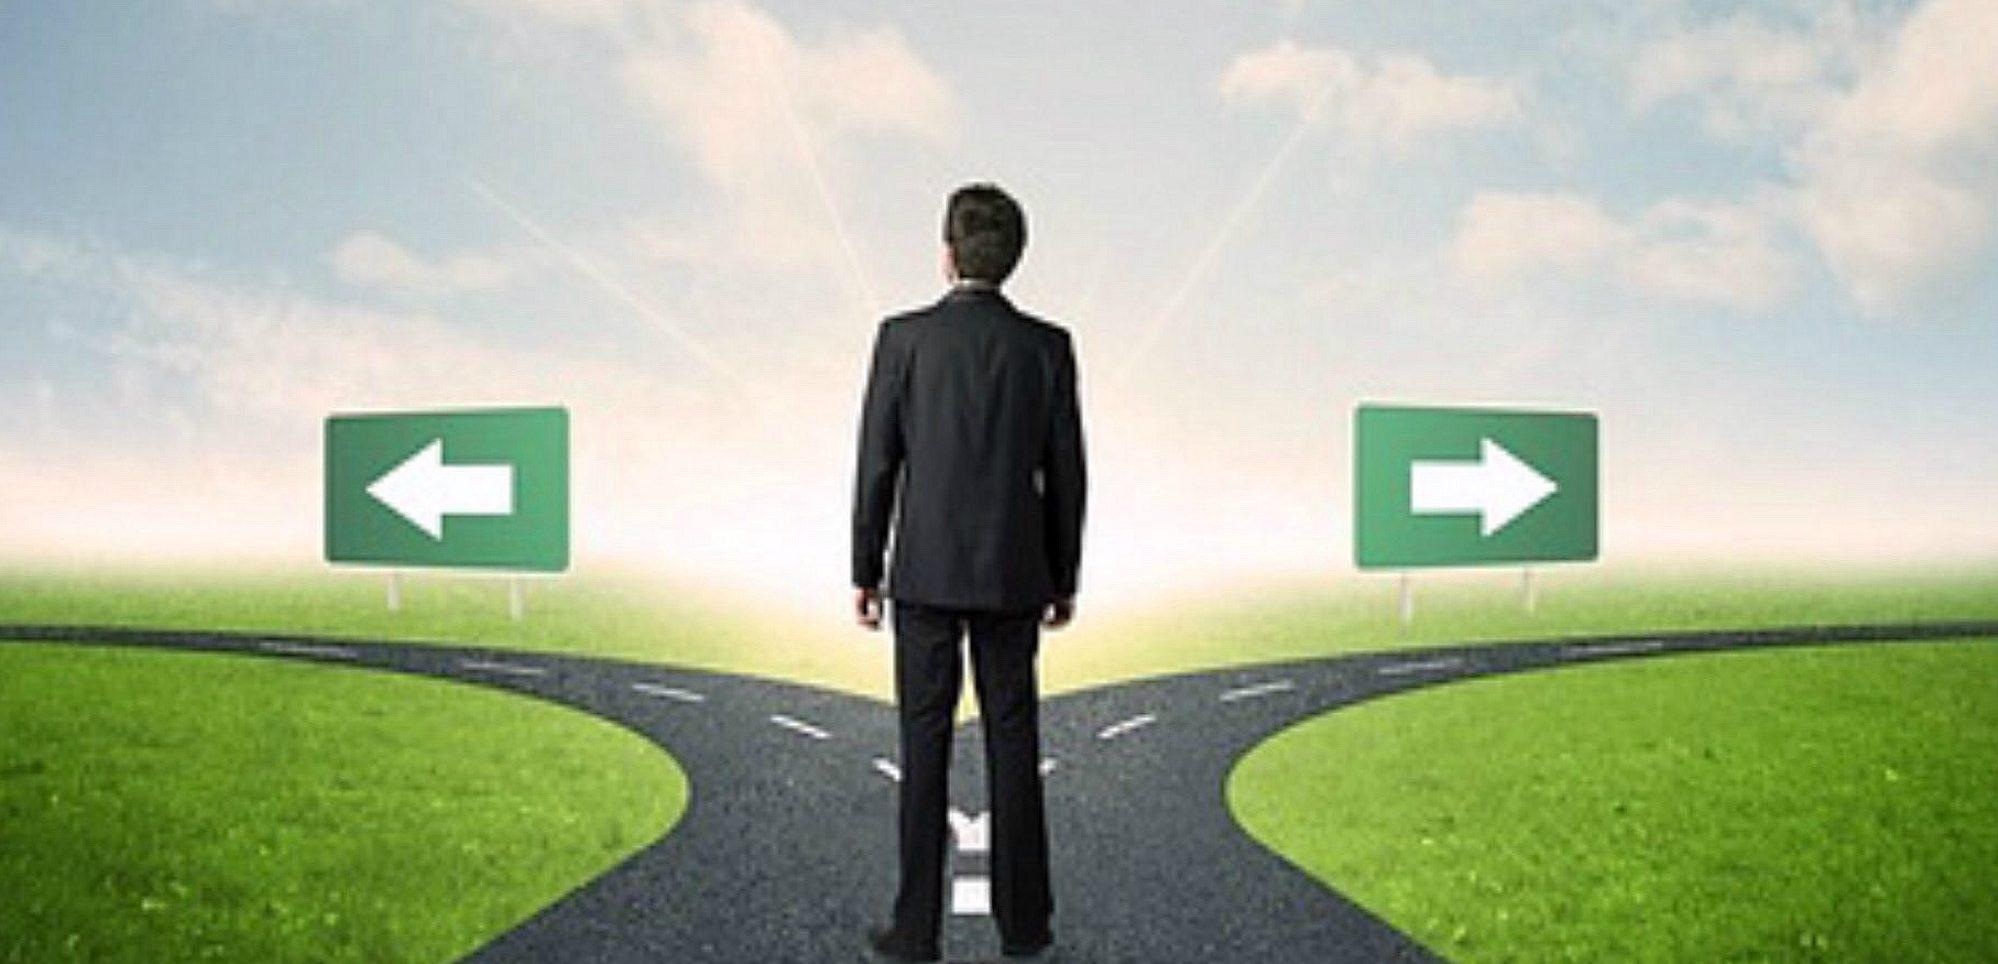 e-procurement business case